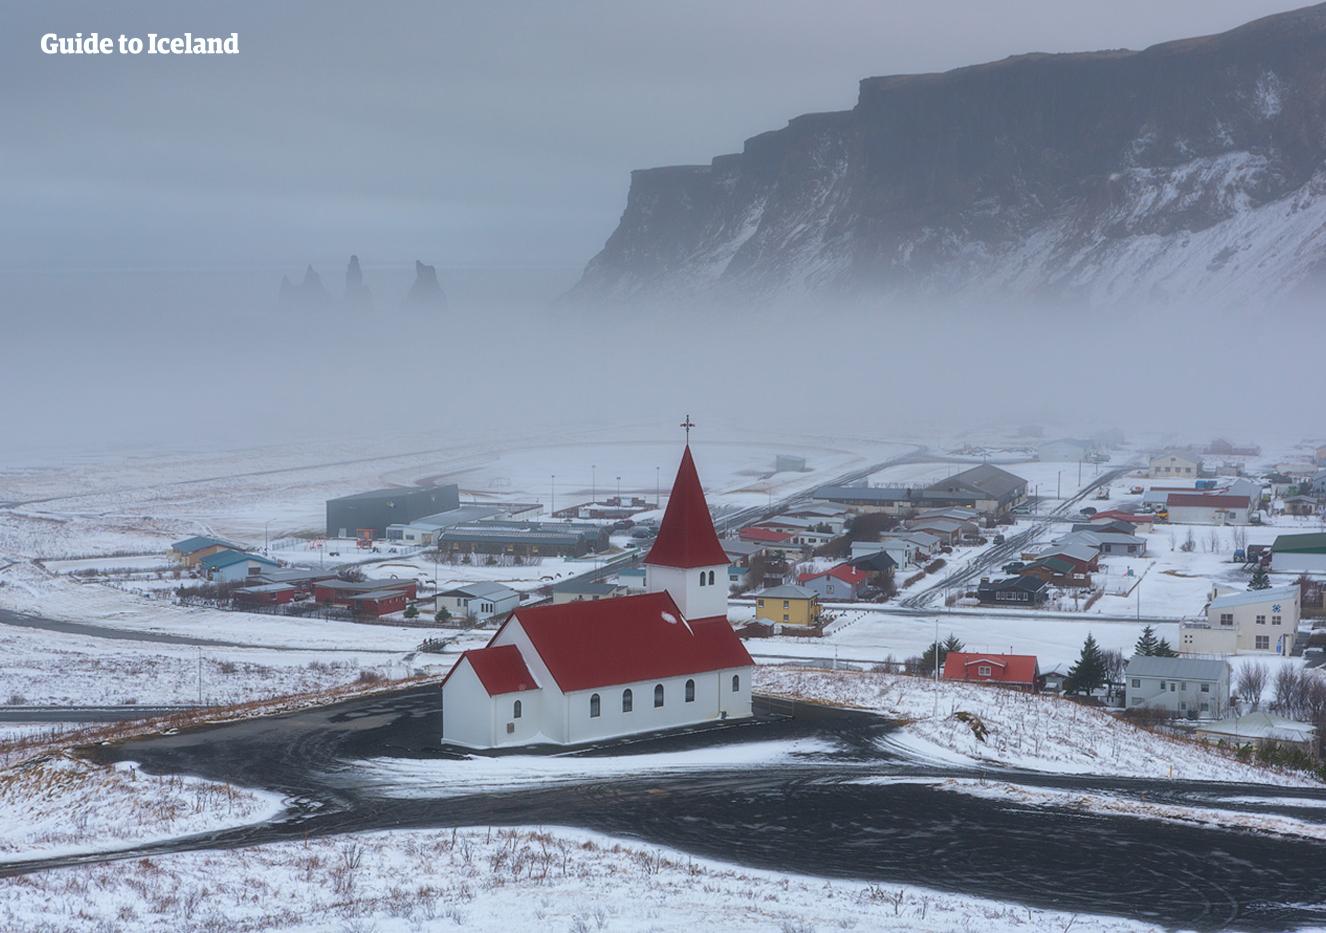 13-dniowa zimowa, samodzielna wycieczka po całej obwodnicy Islandii i półwyspie Snaefellsnes - day 9